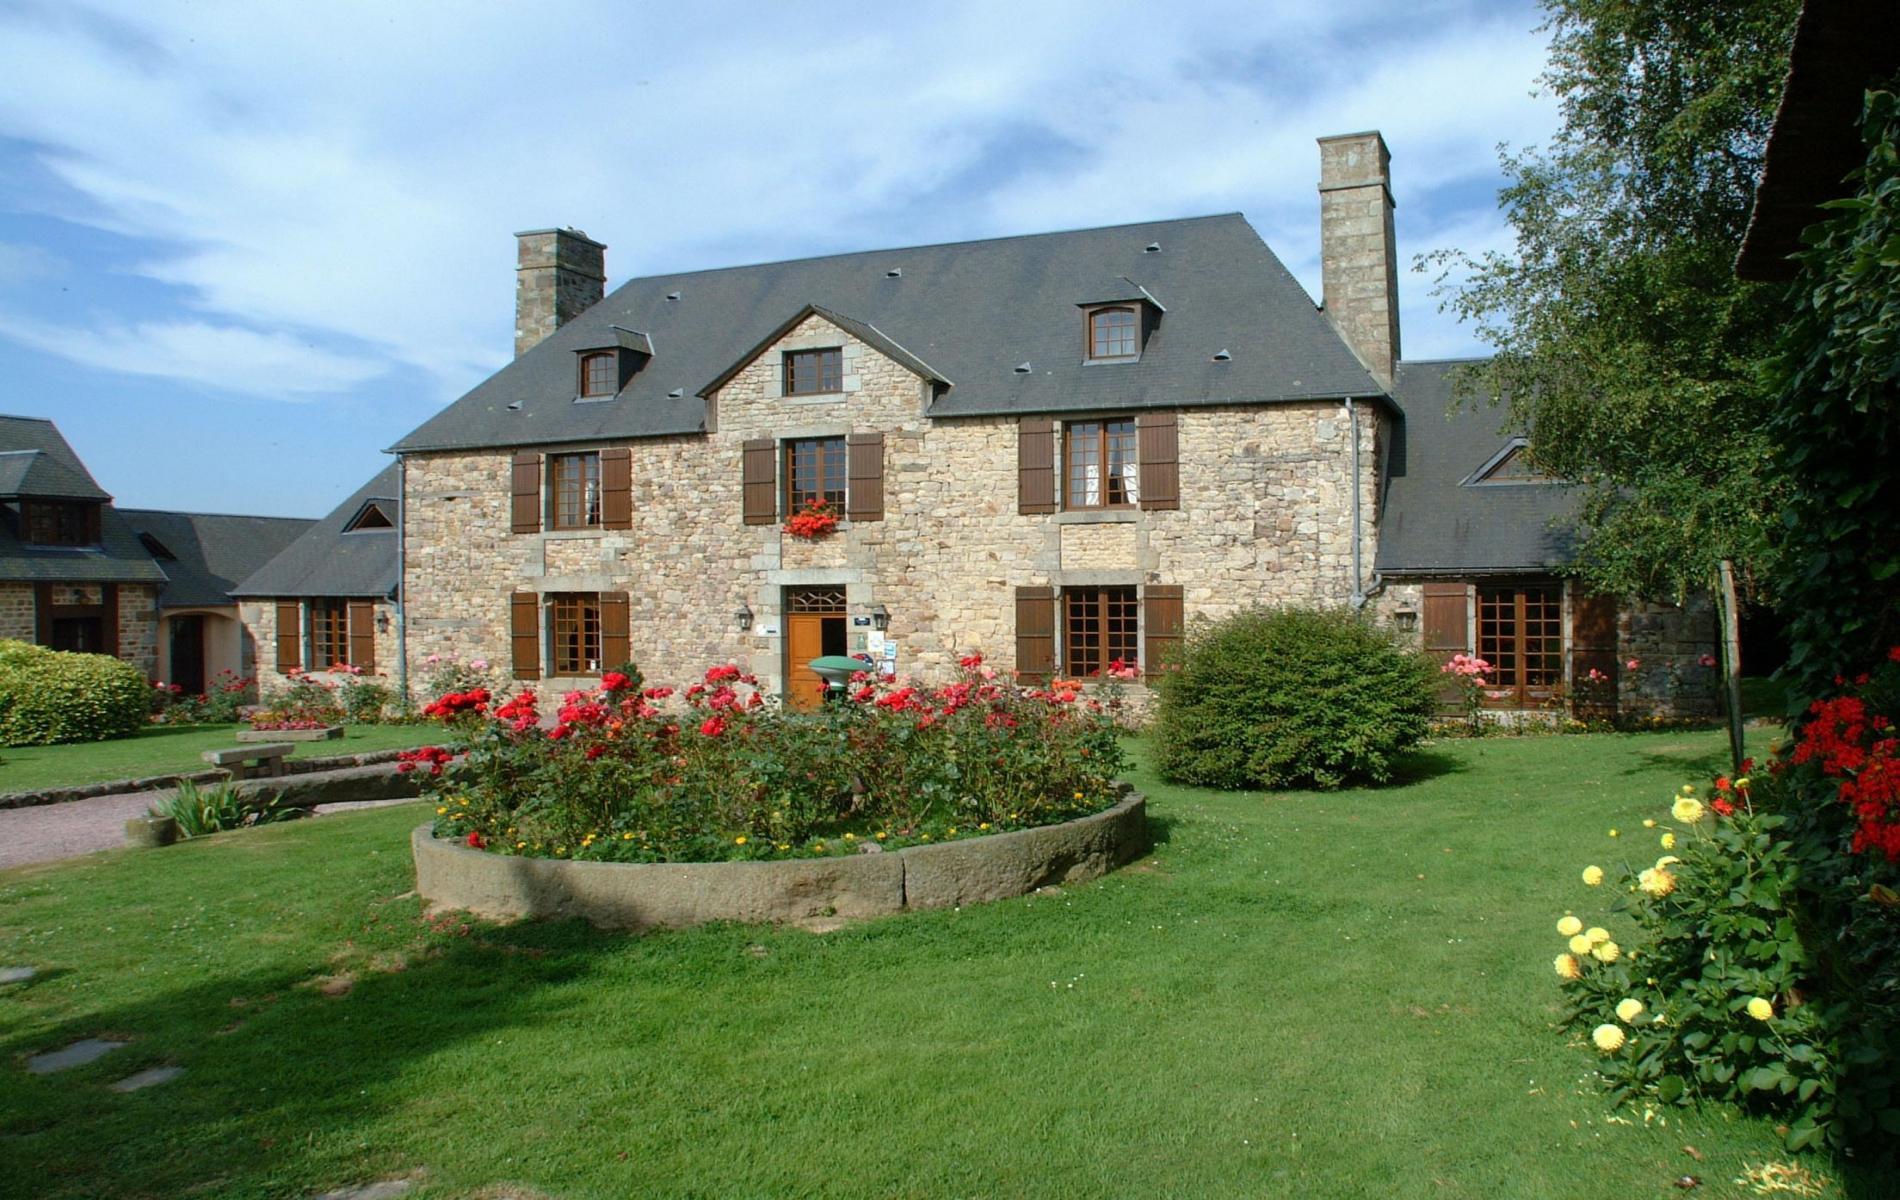 Manoir de l'Acherie - Hotel de charme en Normandie